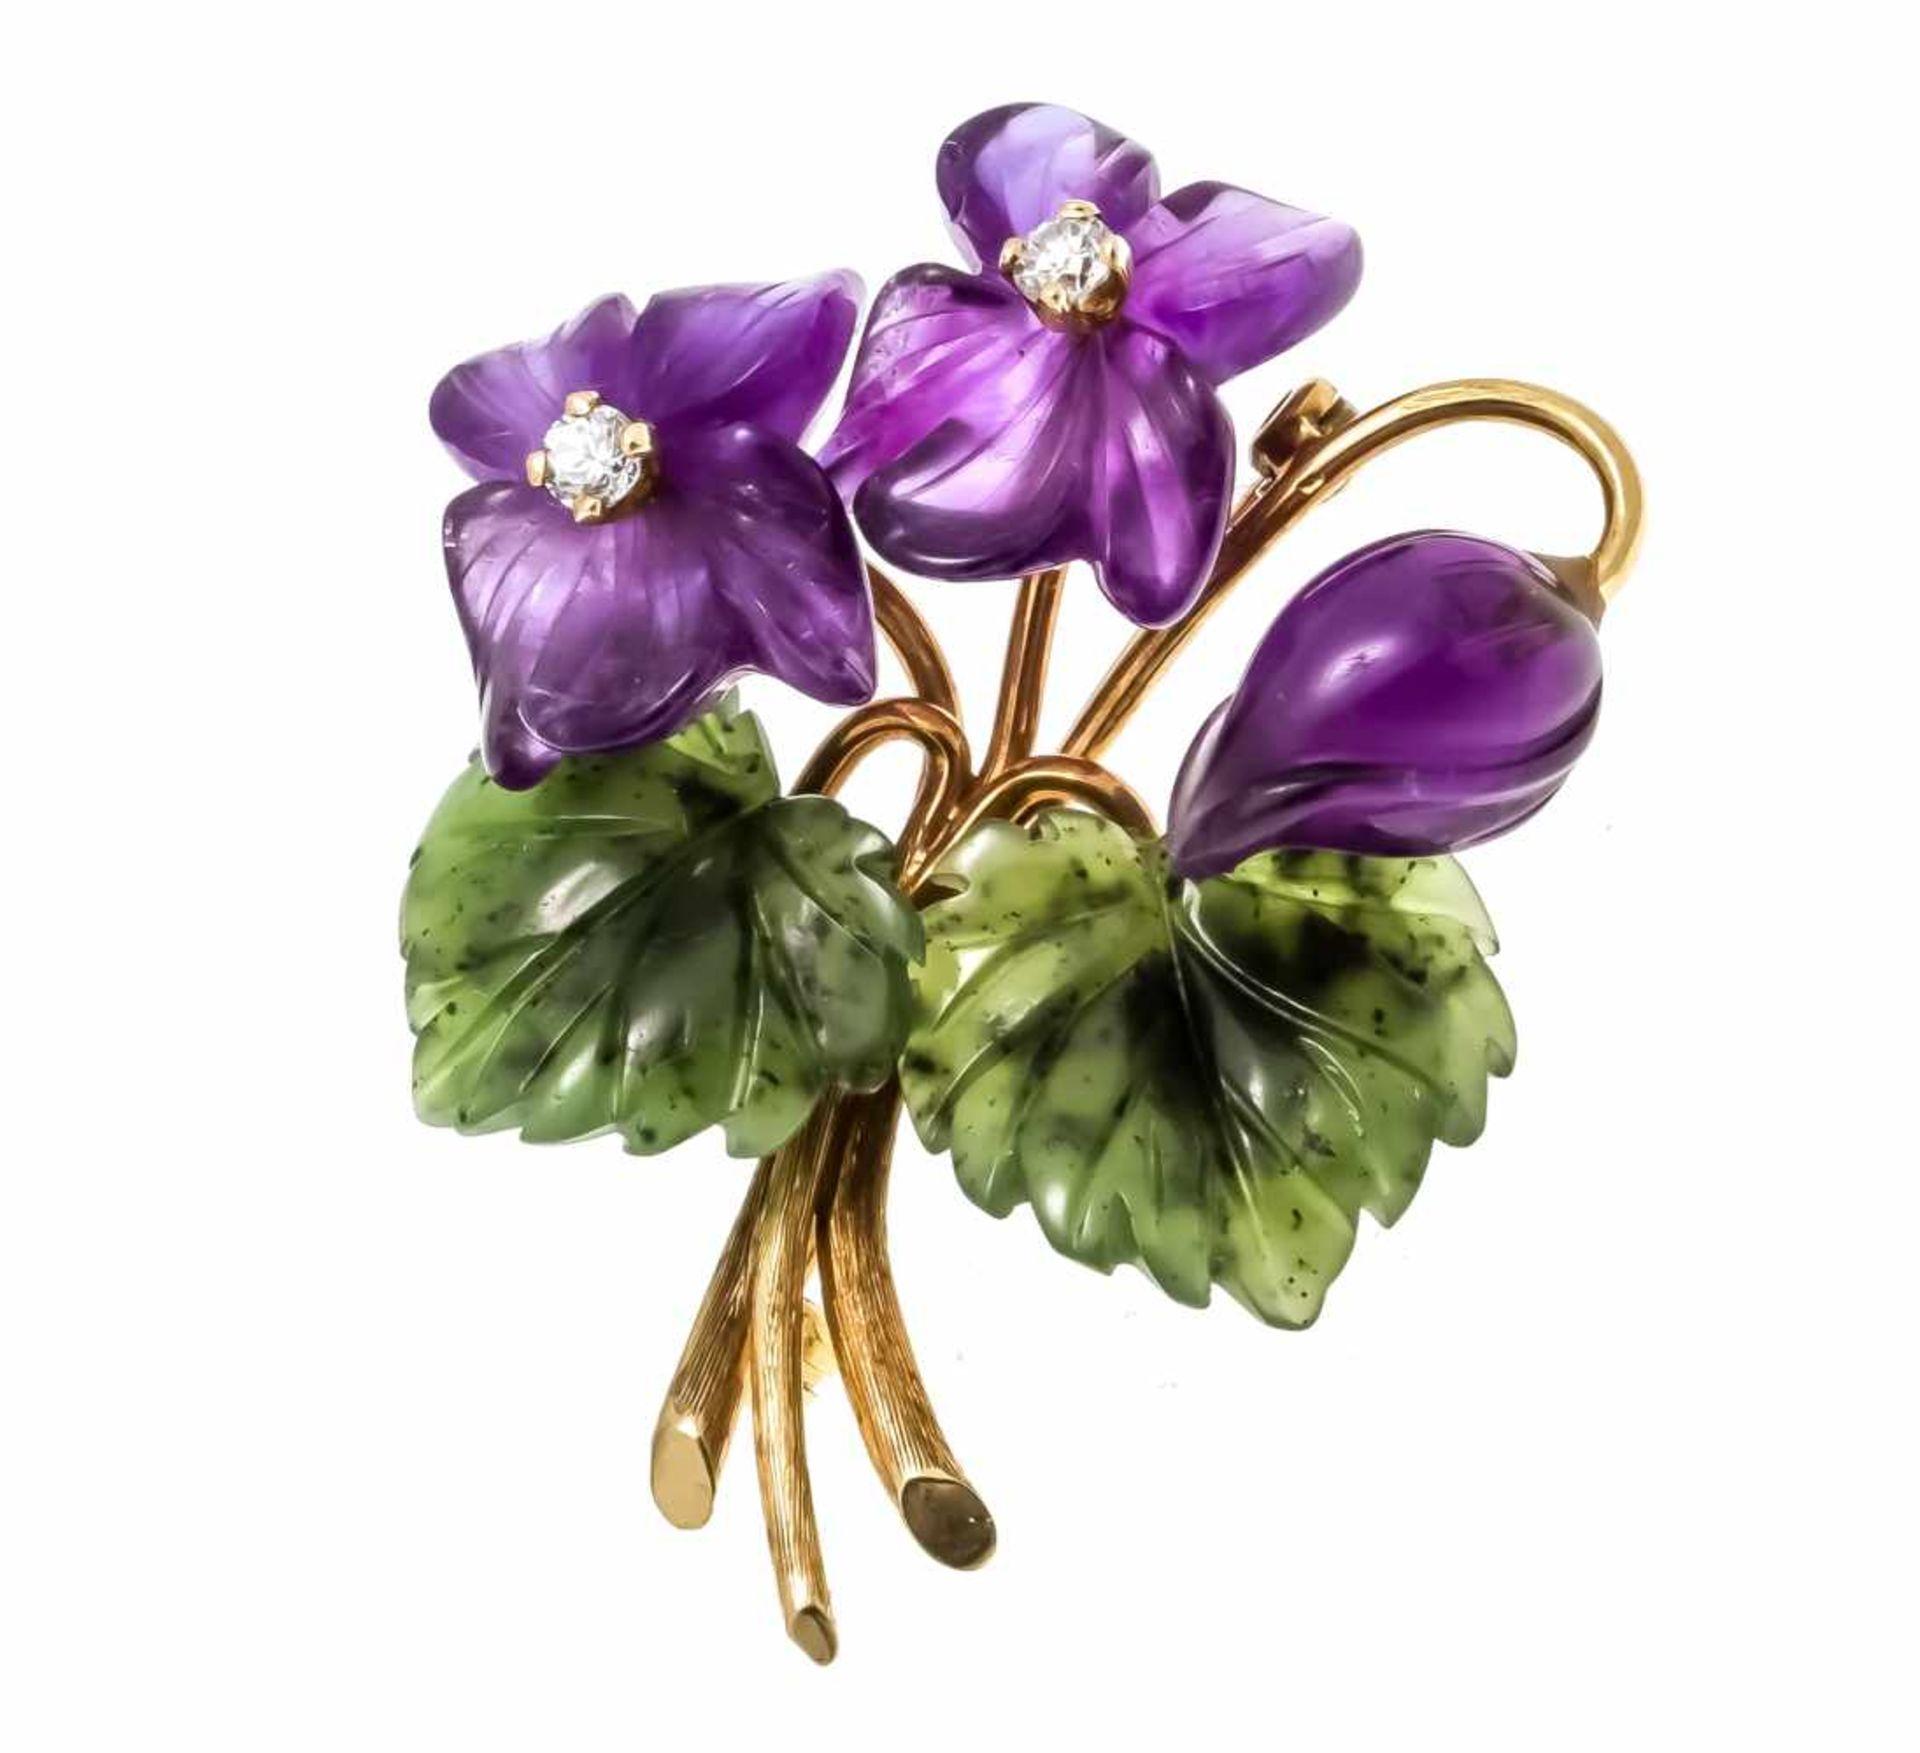 Blumenstrauß-Brosche GG 585/000 mit fein geschnitzten Nephrit-Blättern und Amethyst-Blüten, sowie